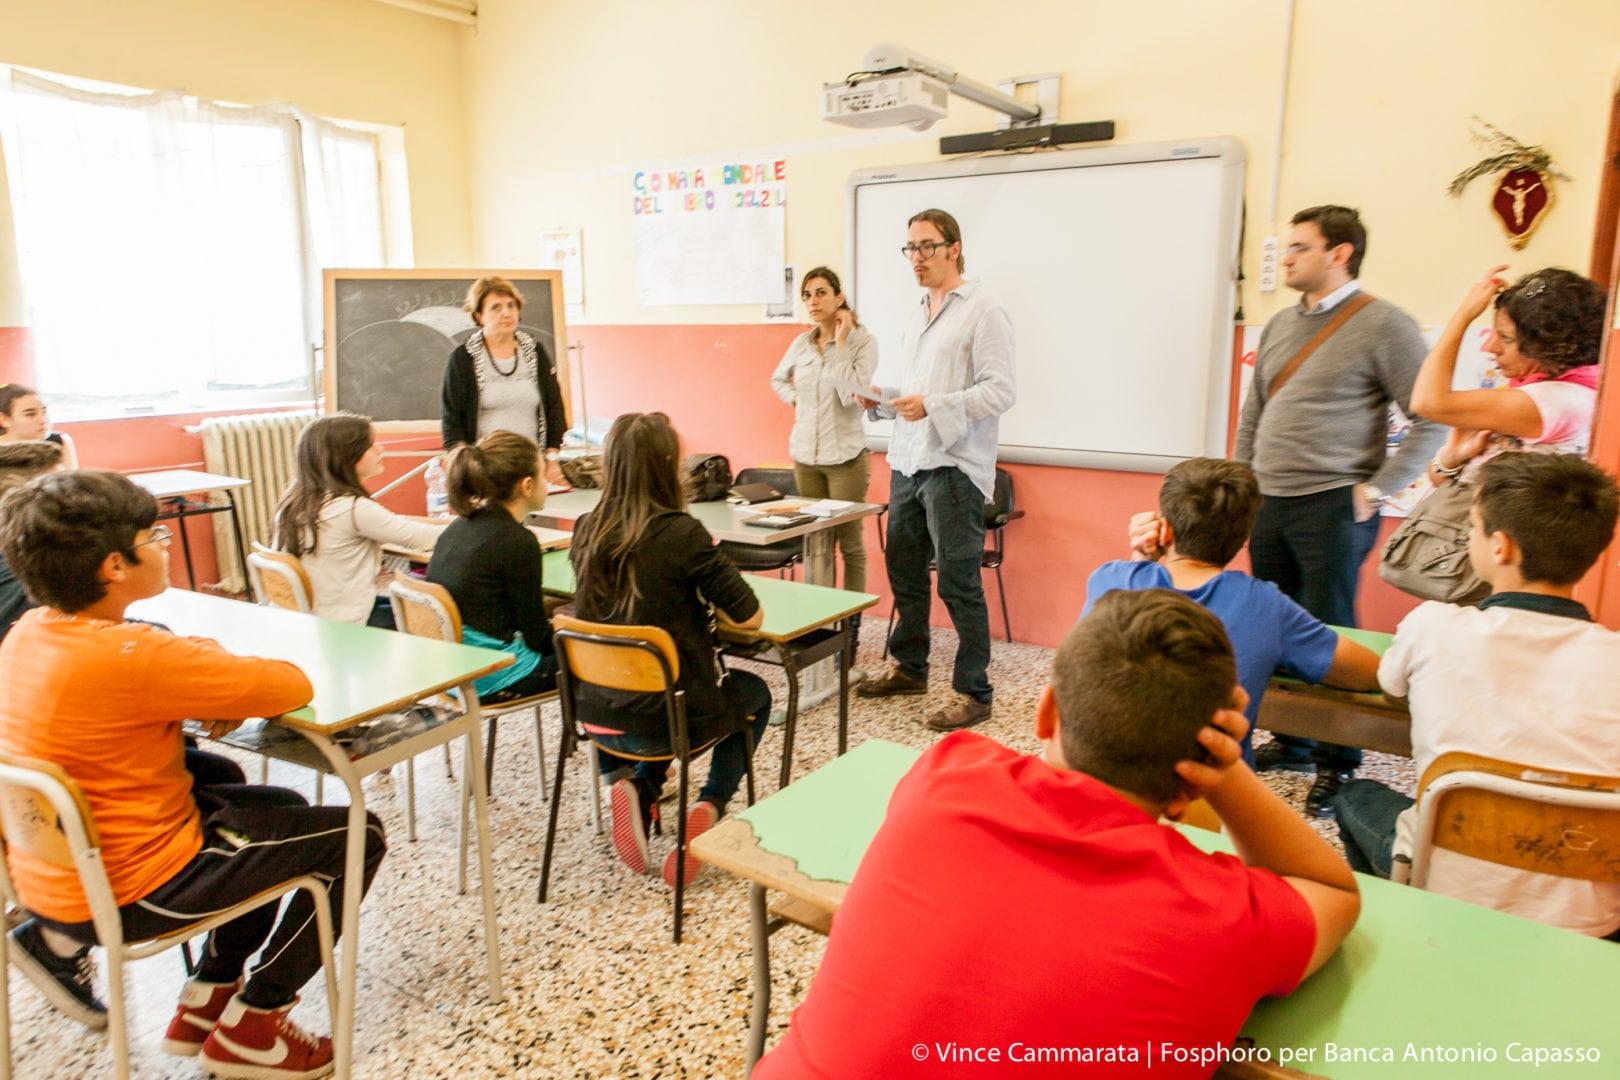 scuola laboratorio territorio narrazione viaggio scrittura bambini